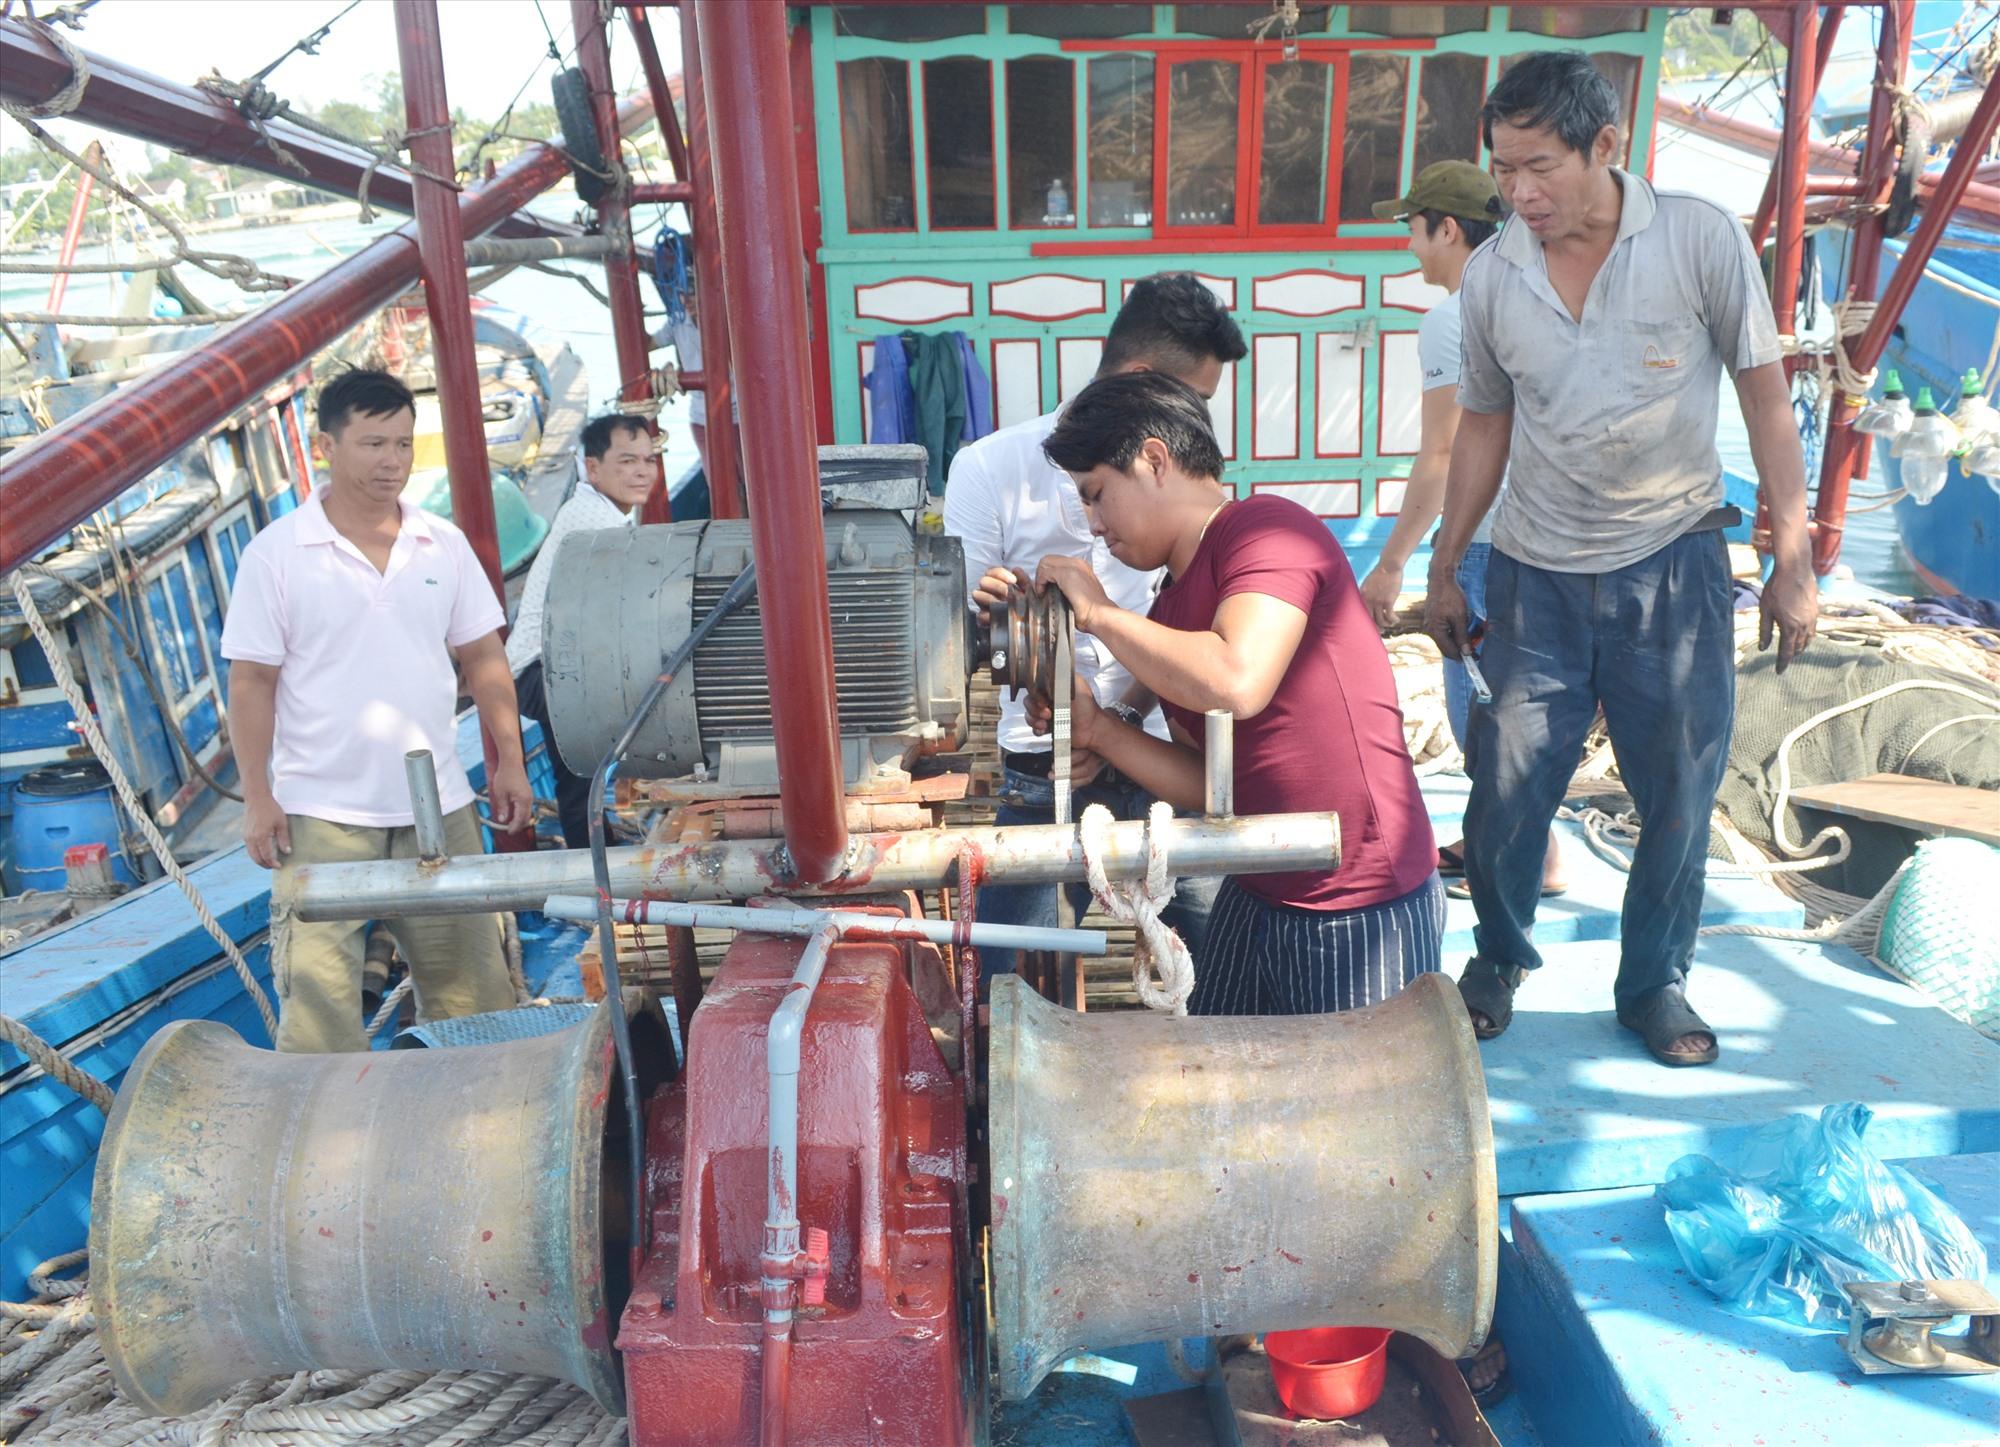 Tời thủy lực lắp đặt trên tàu khai thác hải sản xa bờ của ngư dân Trần Công Ba (thôn Sâm Linh Đông, xã Tam Quang, Núi Thành). Ảnh: VIỆT NGUYỄN